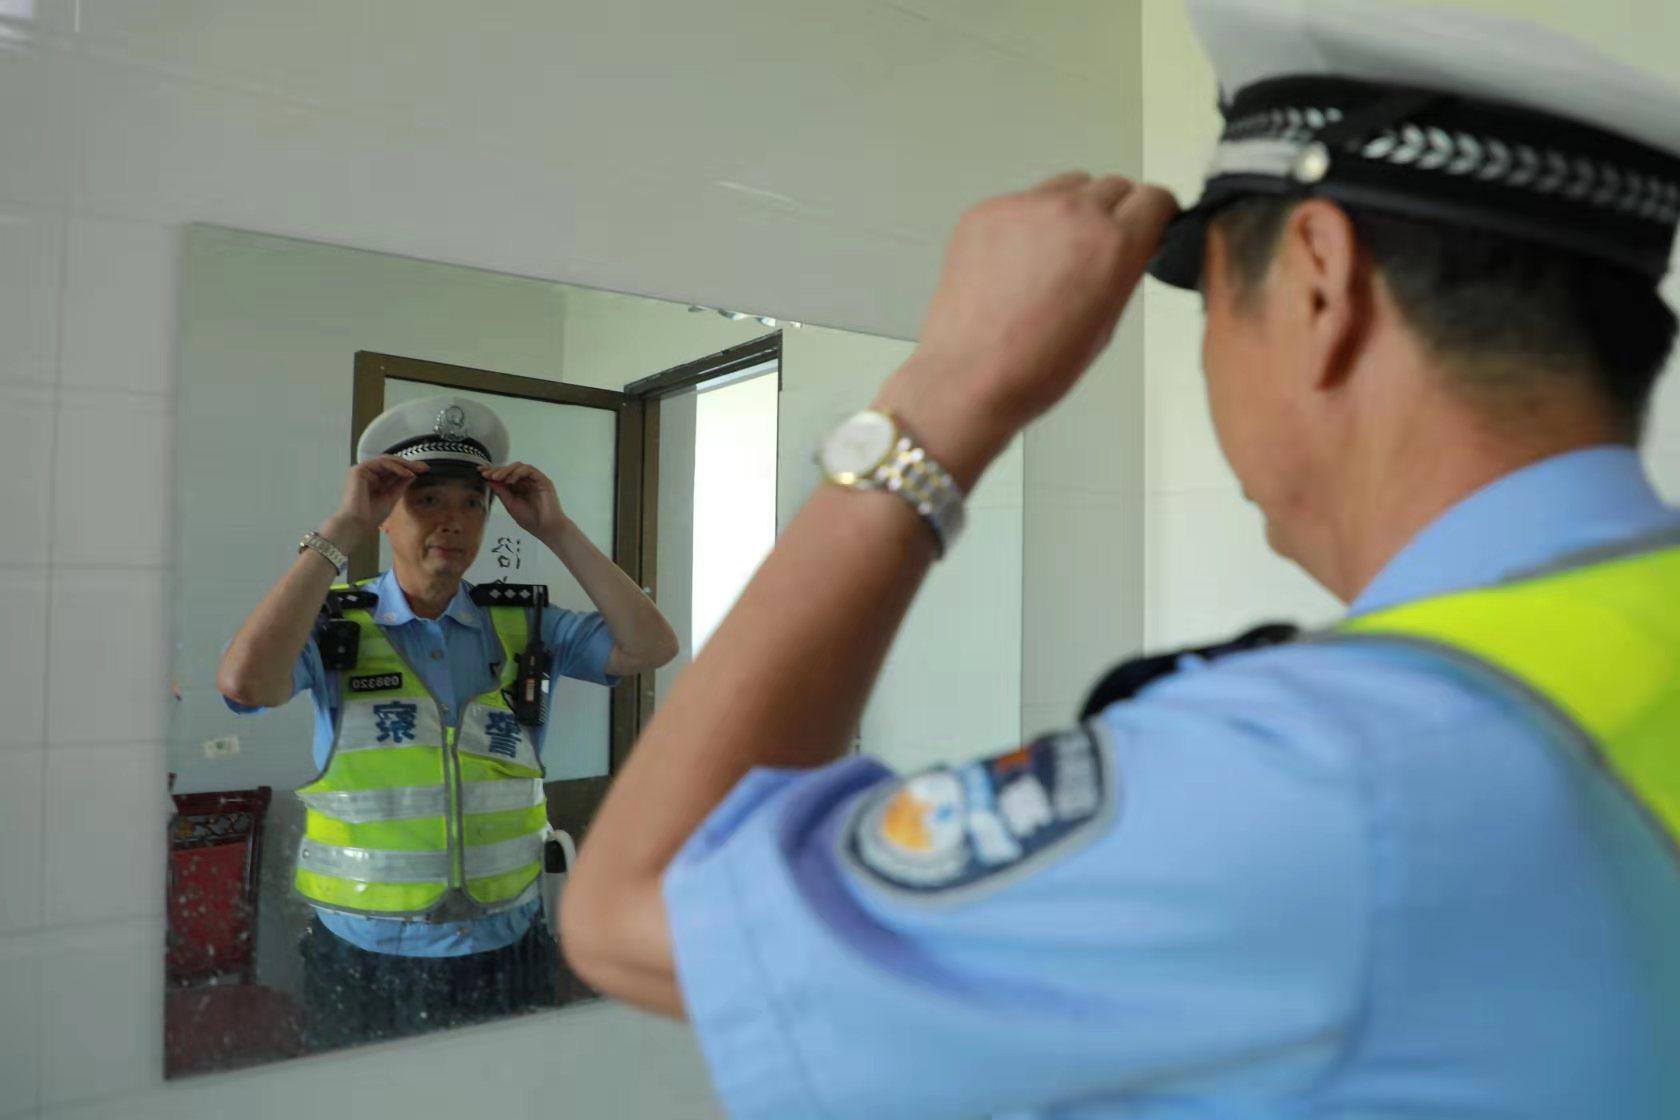 59岁老交警:干劲不输青壮 在岗一天尽一份责任